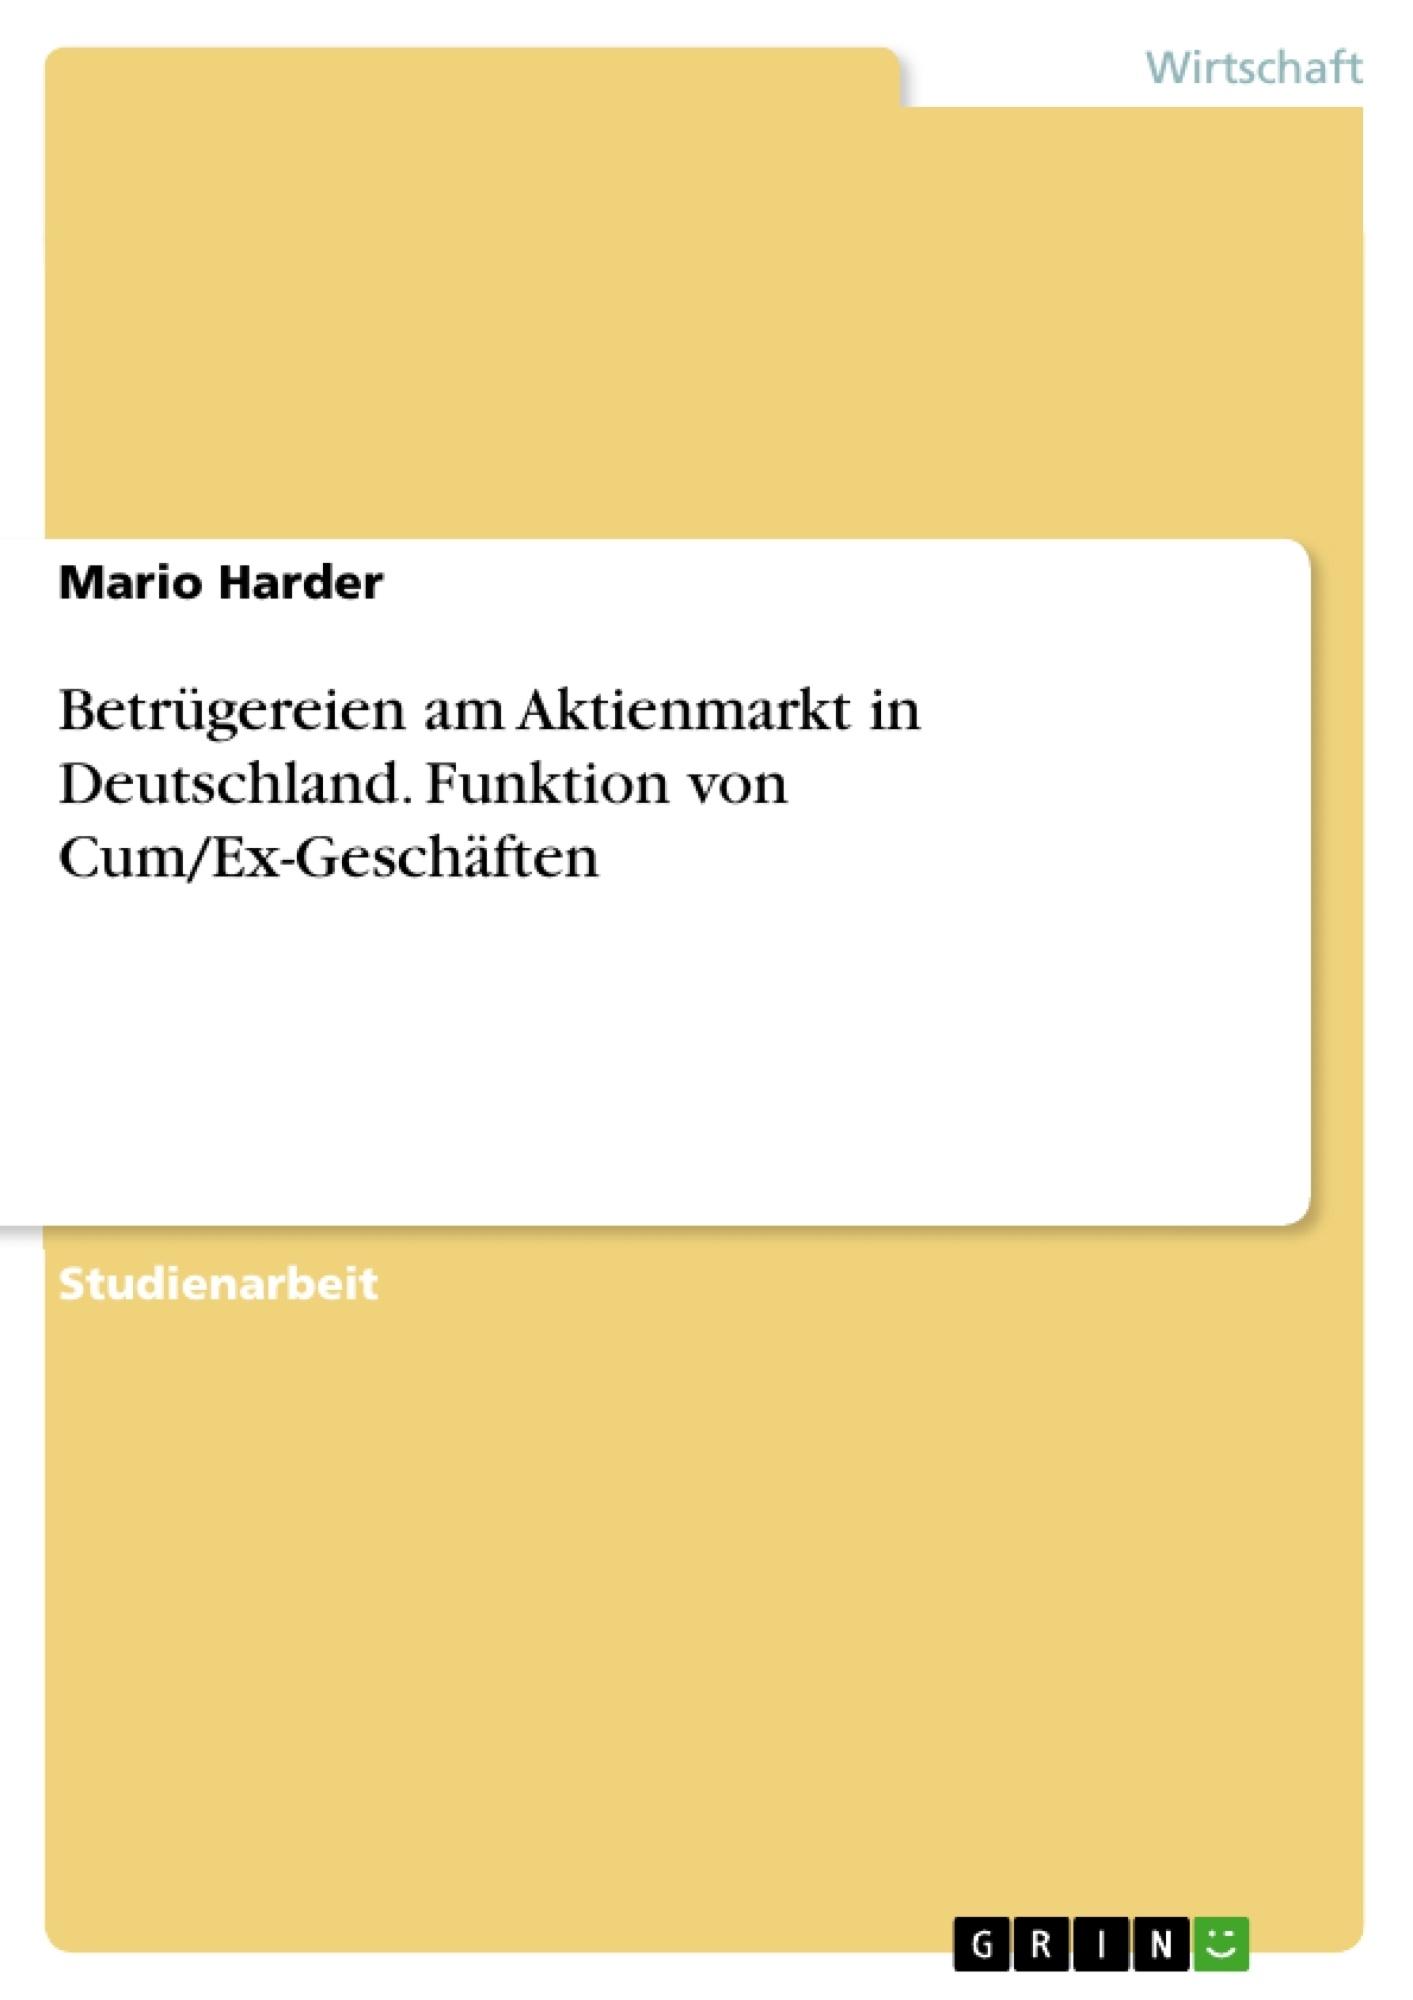 Titel: Betrügereien am Aktienmarkt in Deutschland. Funktion von Cum/Ex-Geschäften